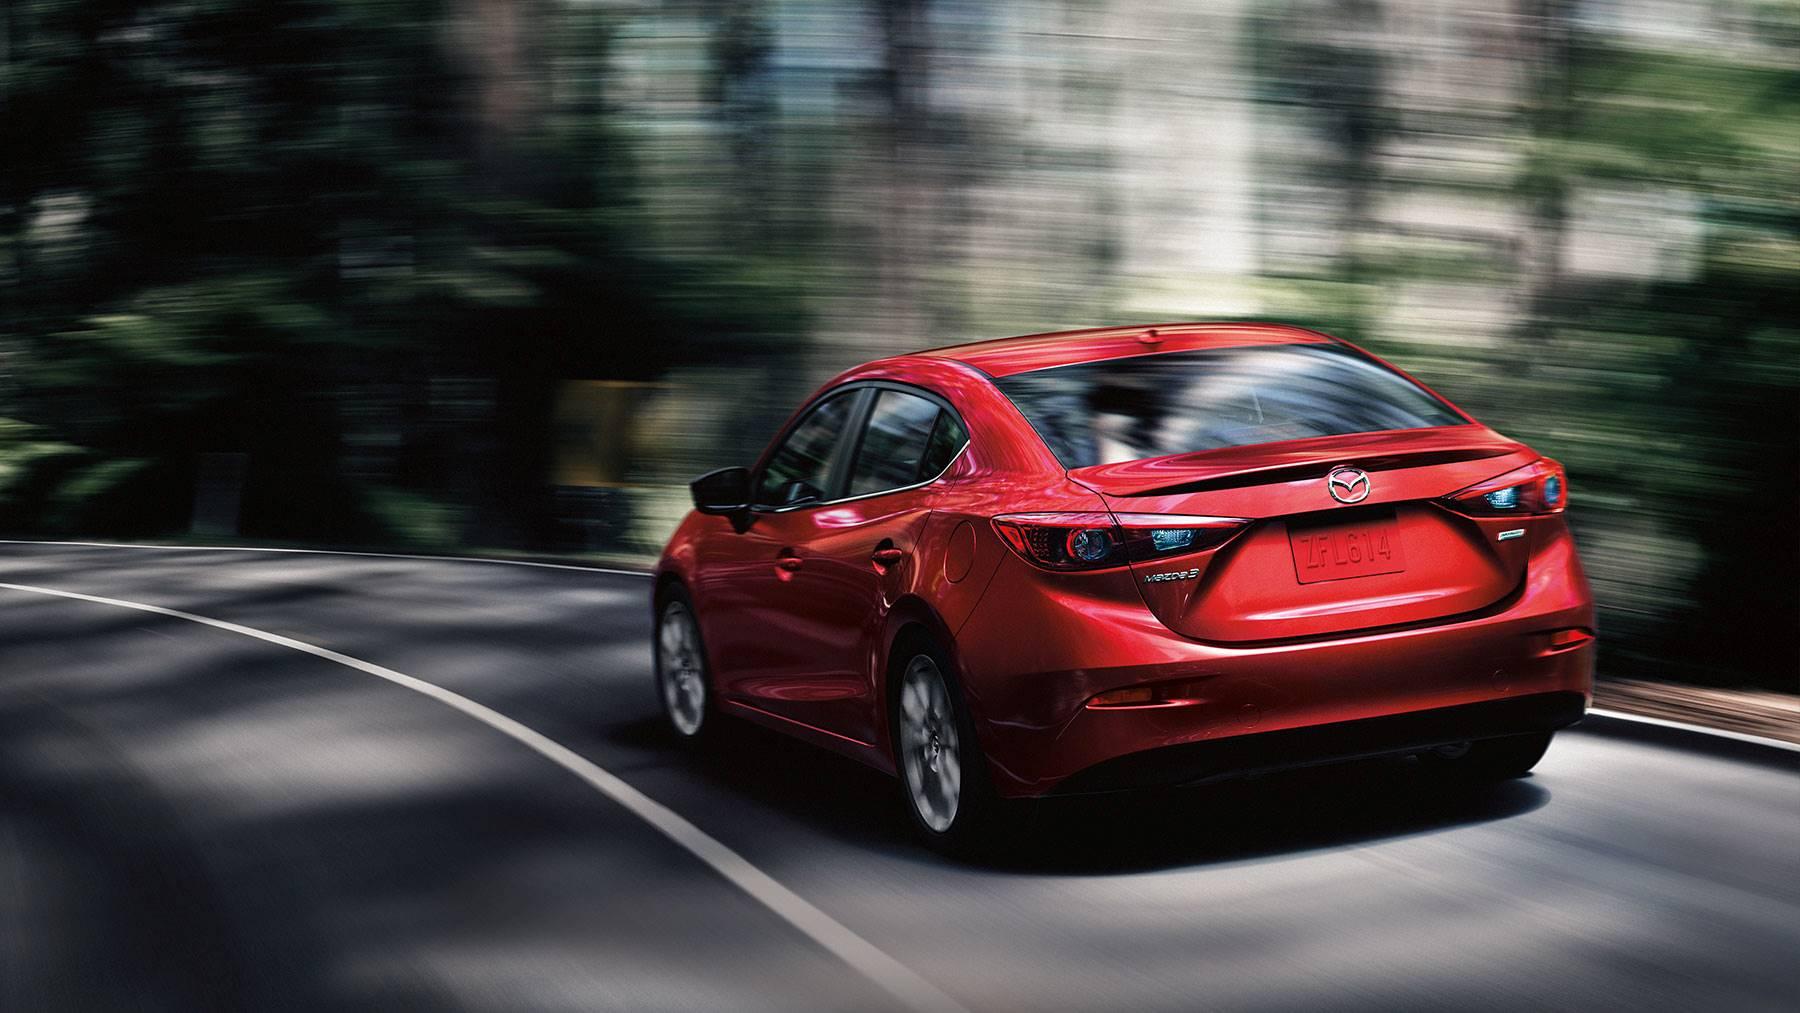 2018 Mazda3 vs 2018 Ford Focus in Sacramento, CA